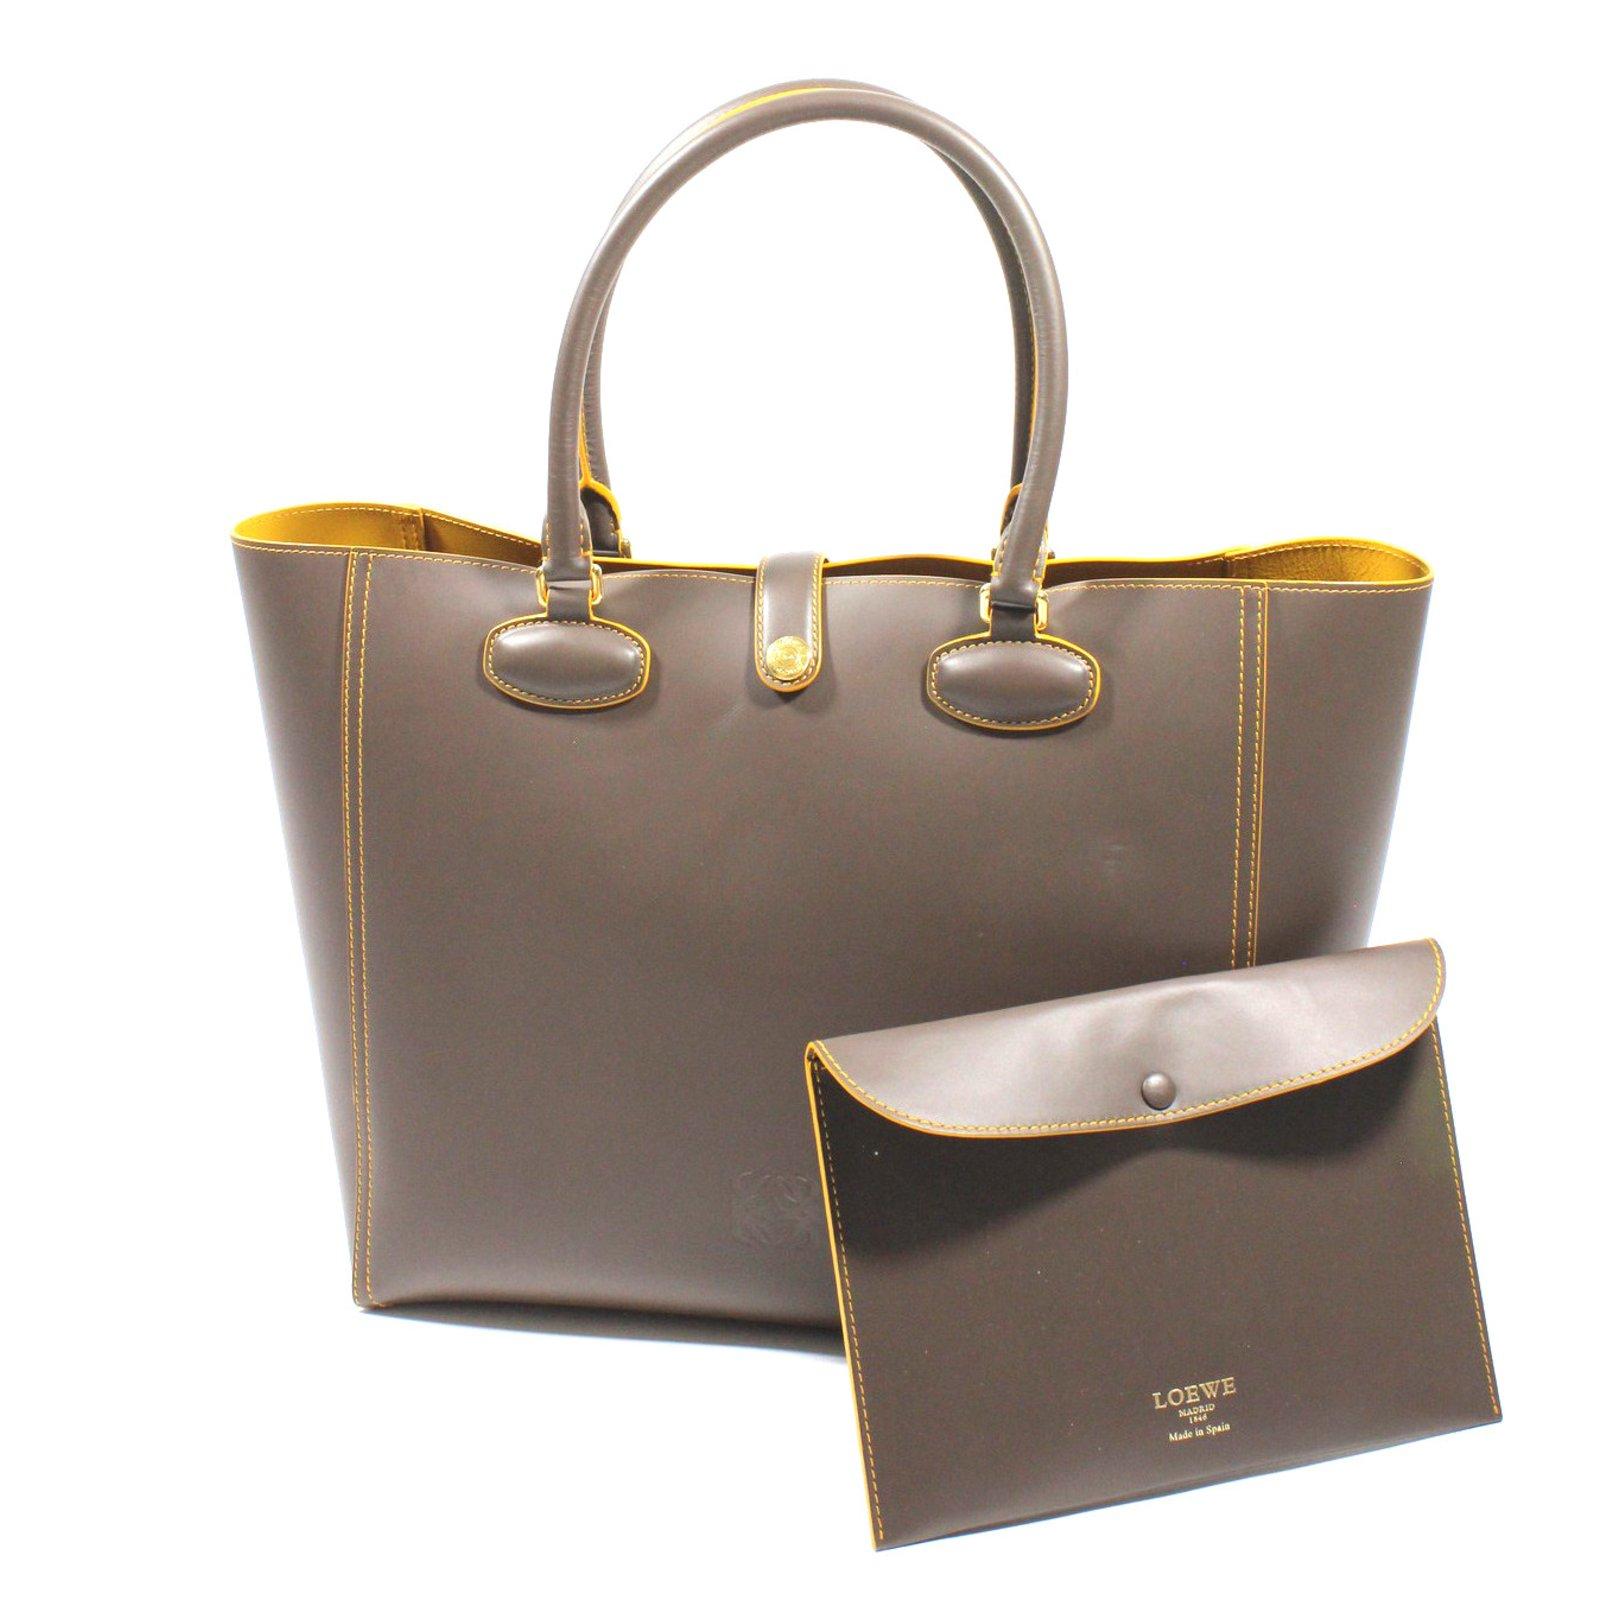 Loewe Tote Leo Handbags Leather Taupe Ref 43702